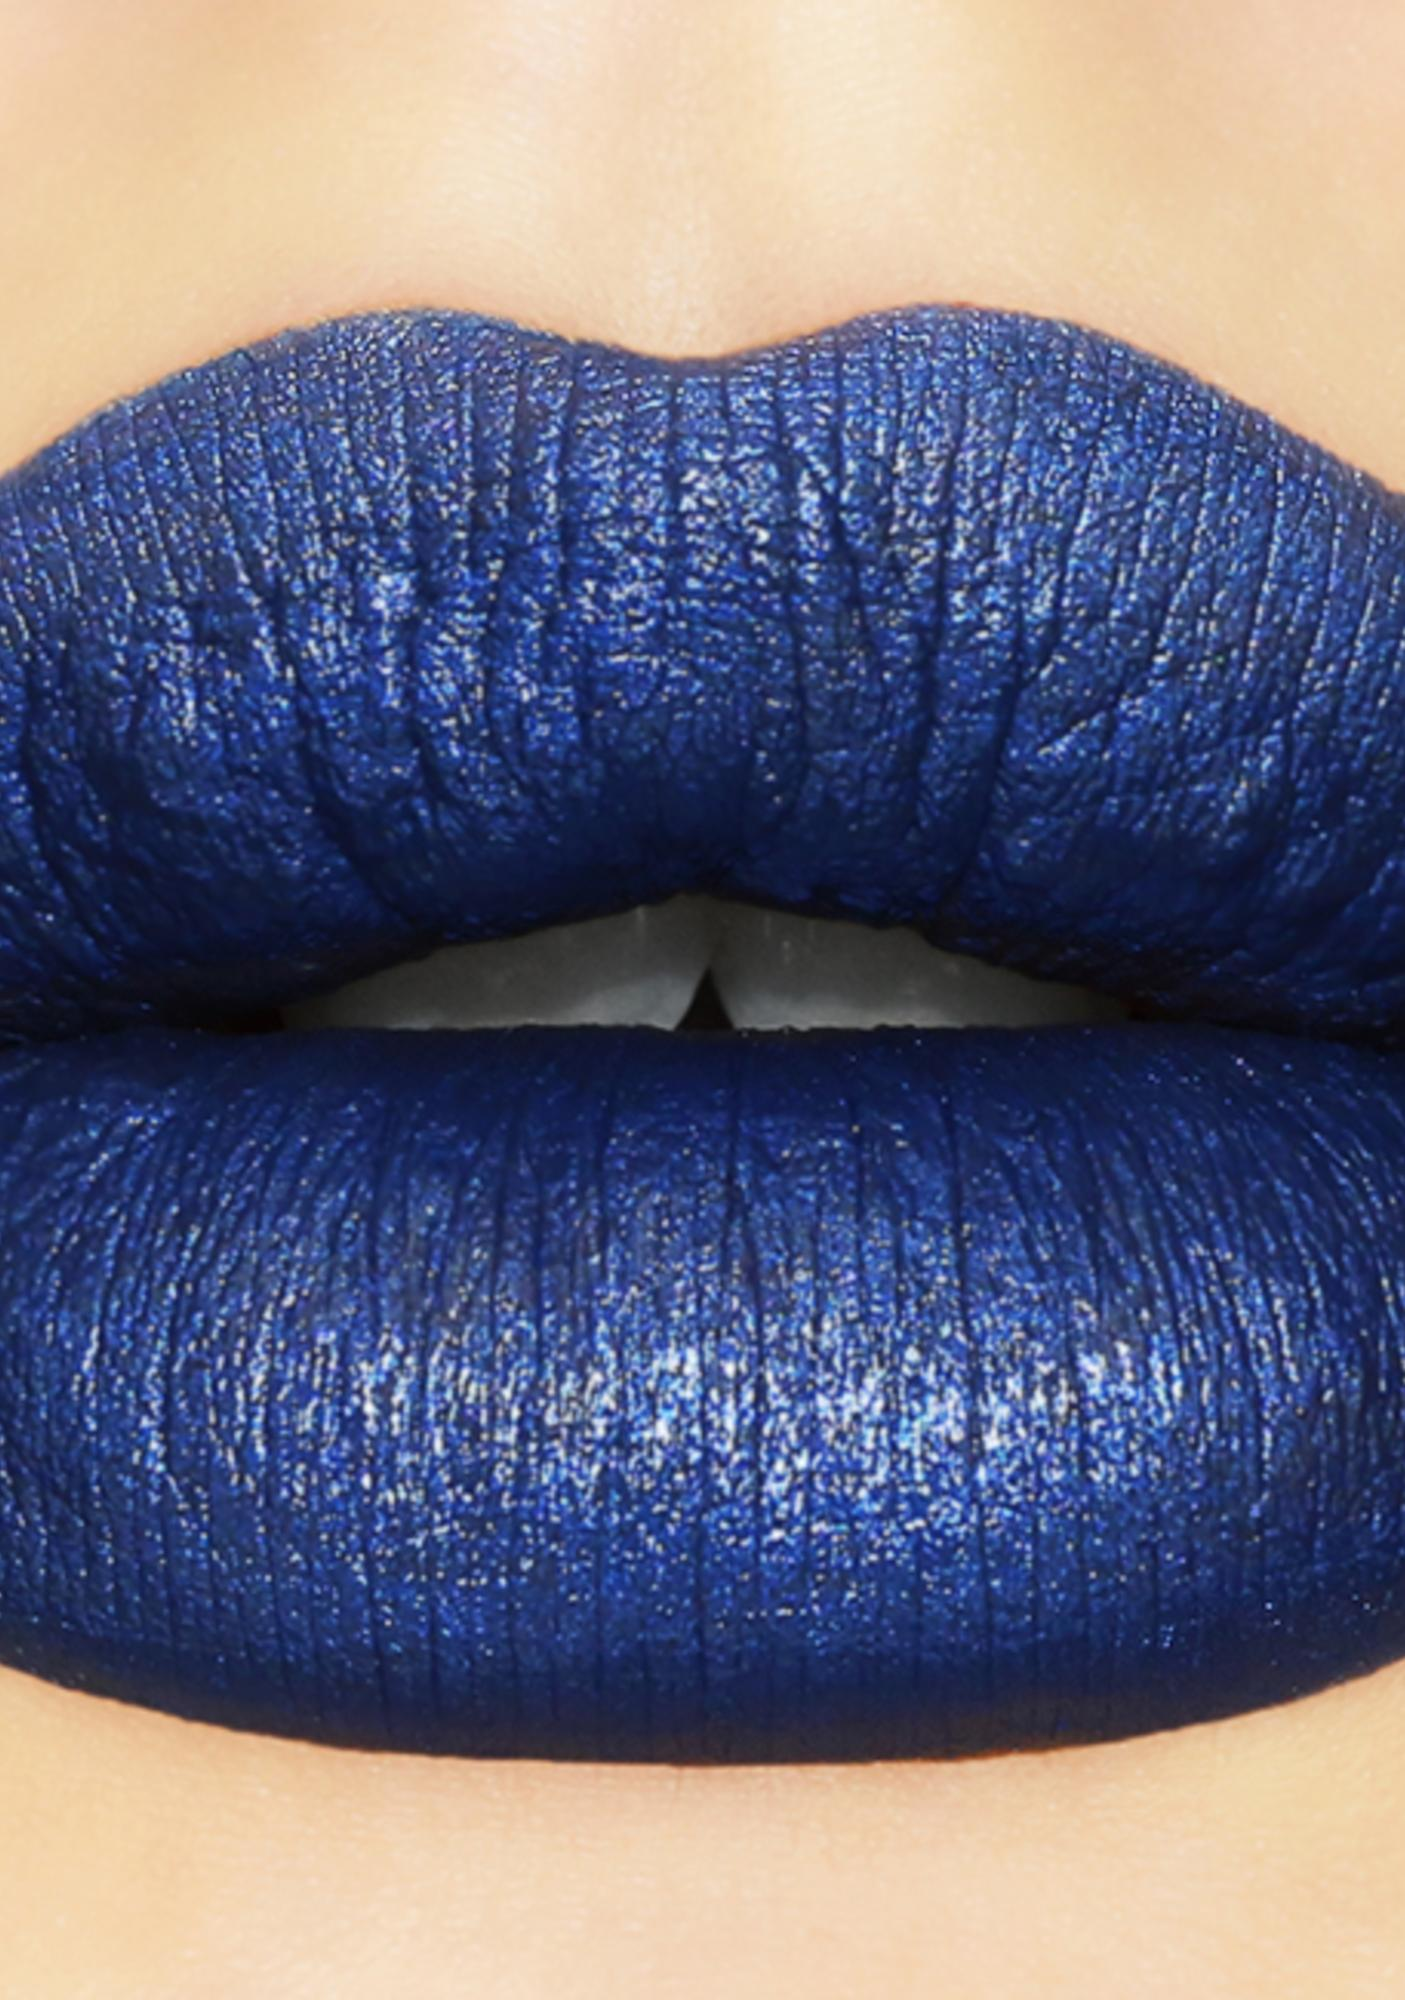 Sugarpill Shiver Liquid Lipstick